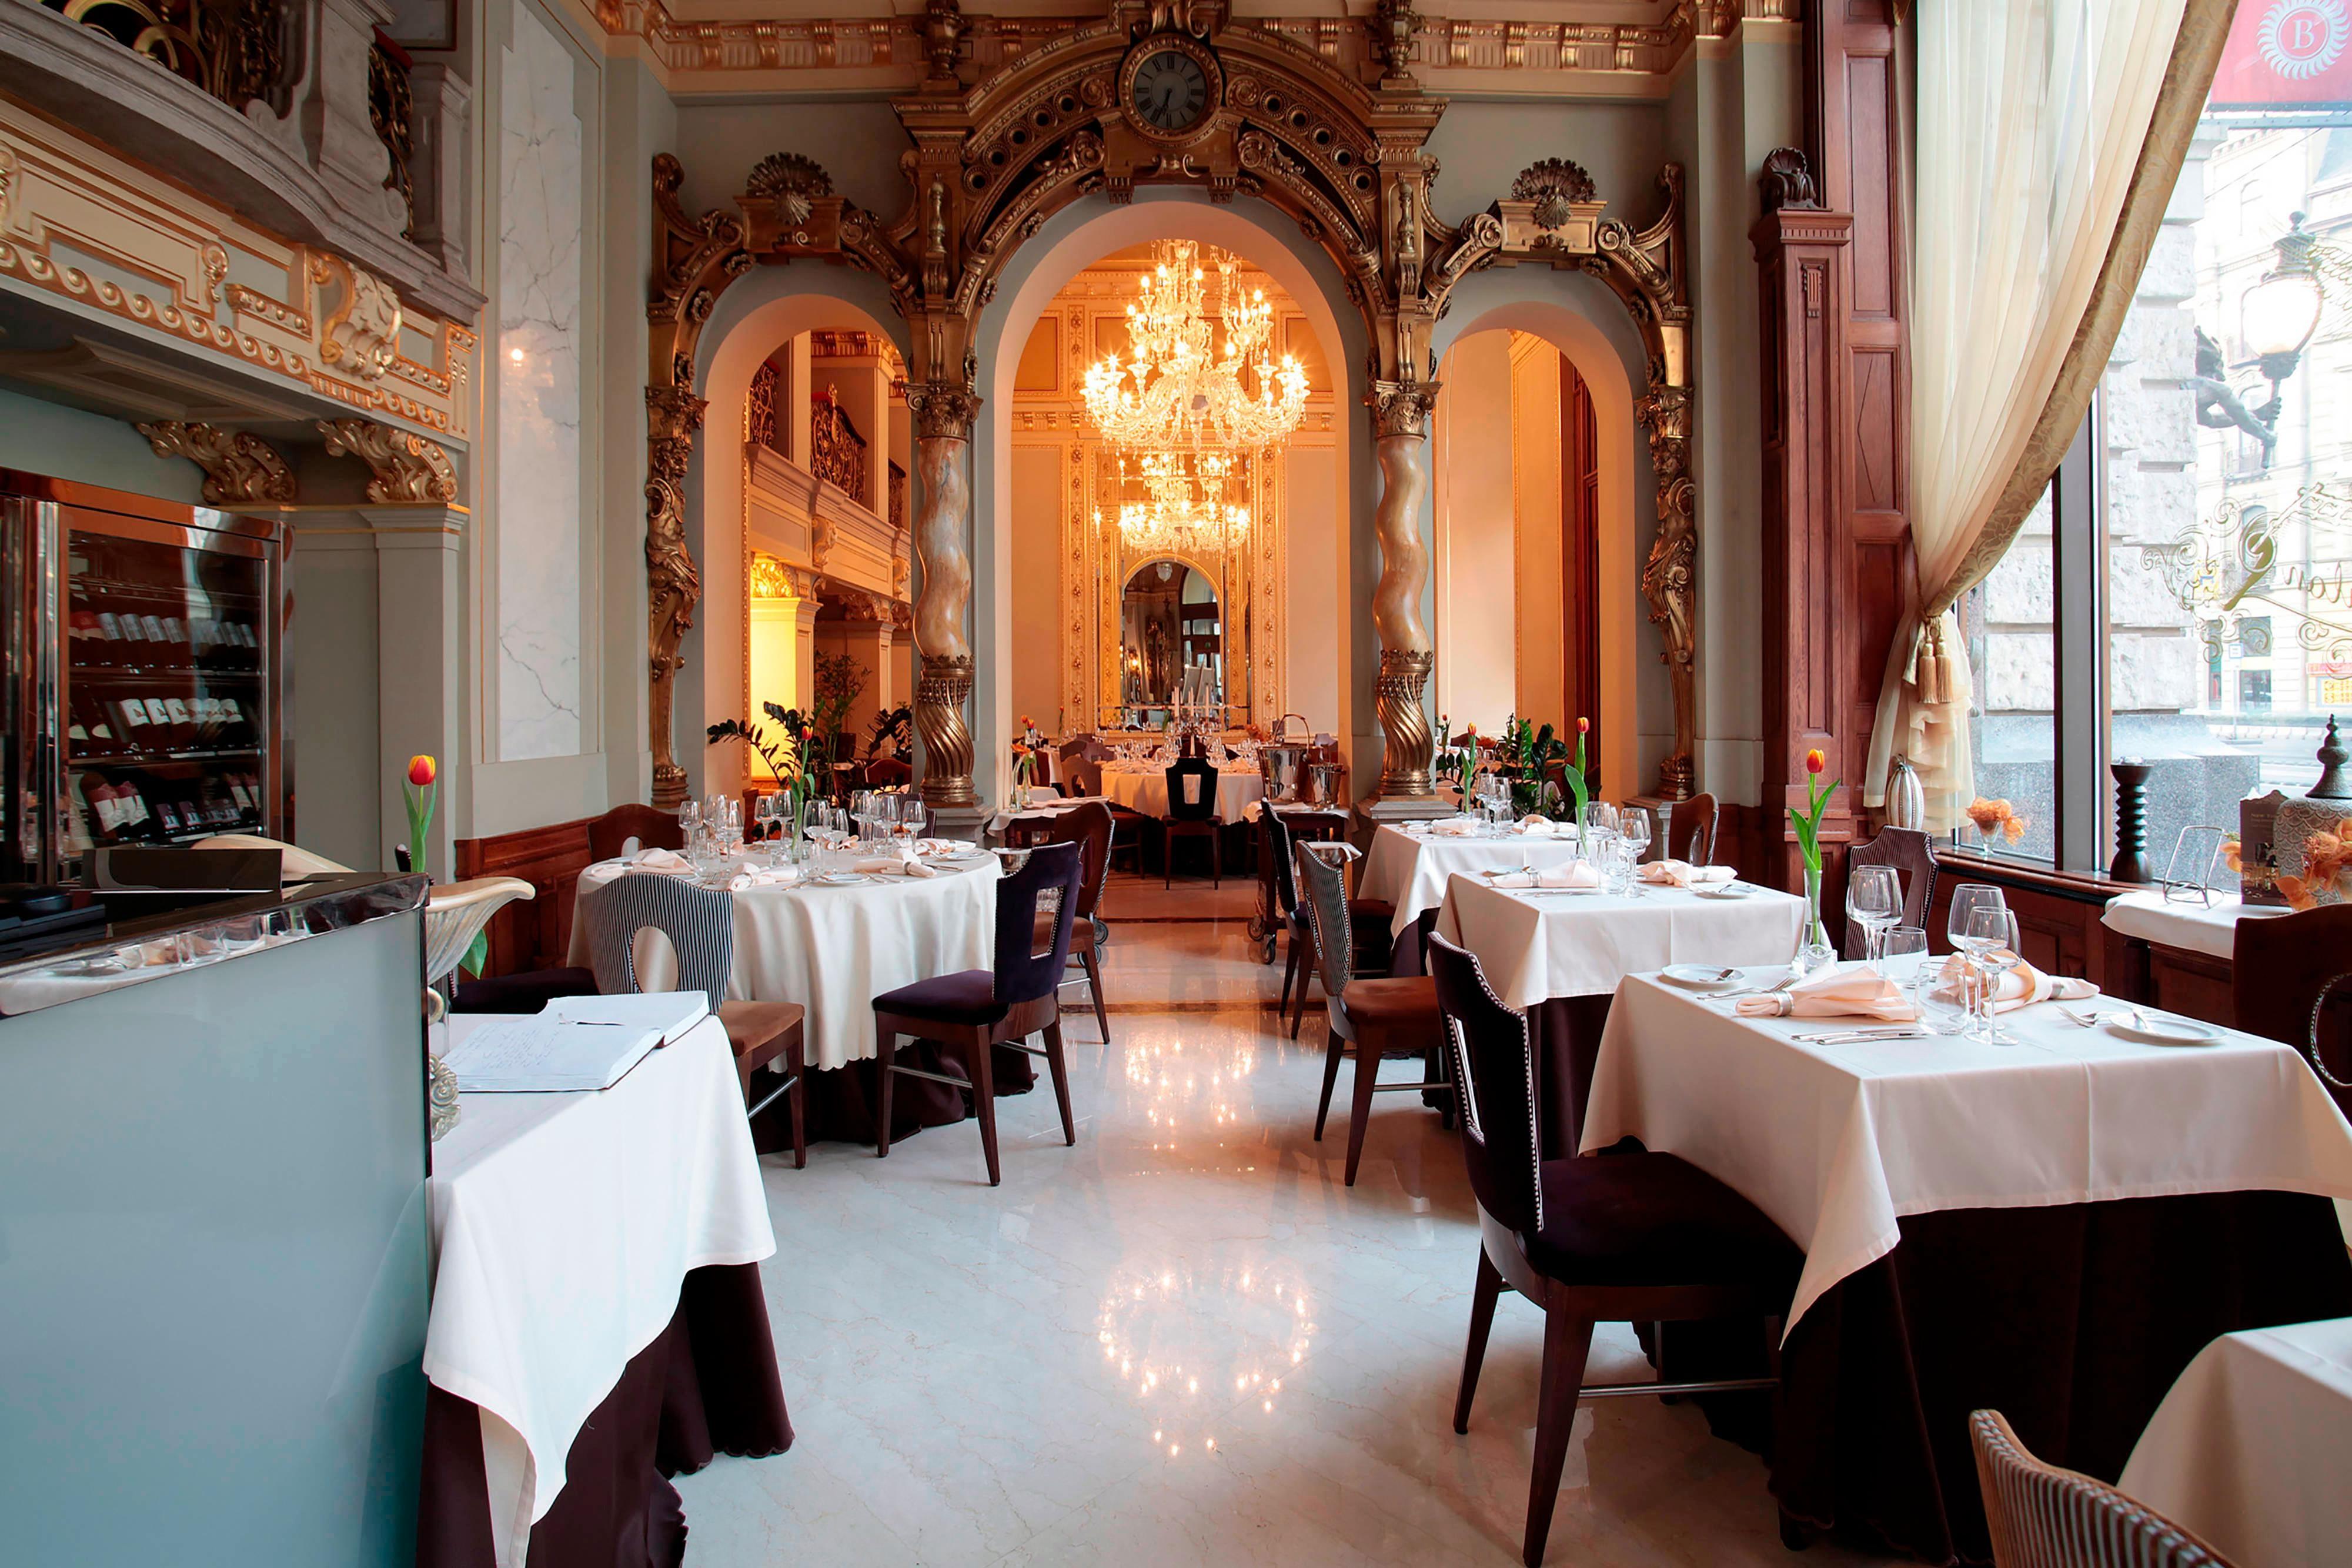 Ungarisches Restaurant in der Innenstadt von Budapest